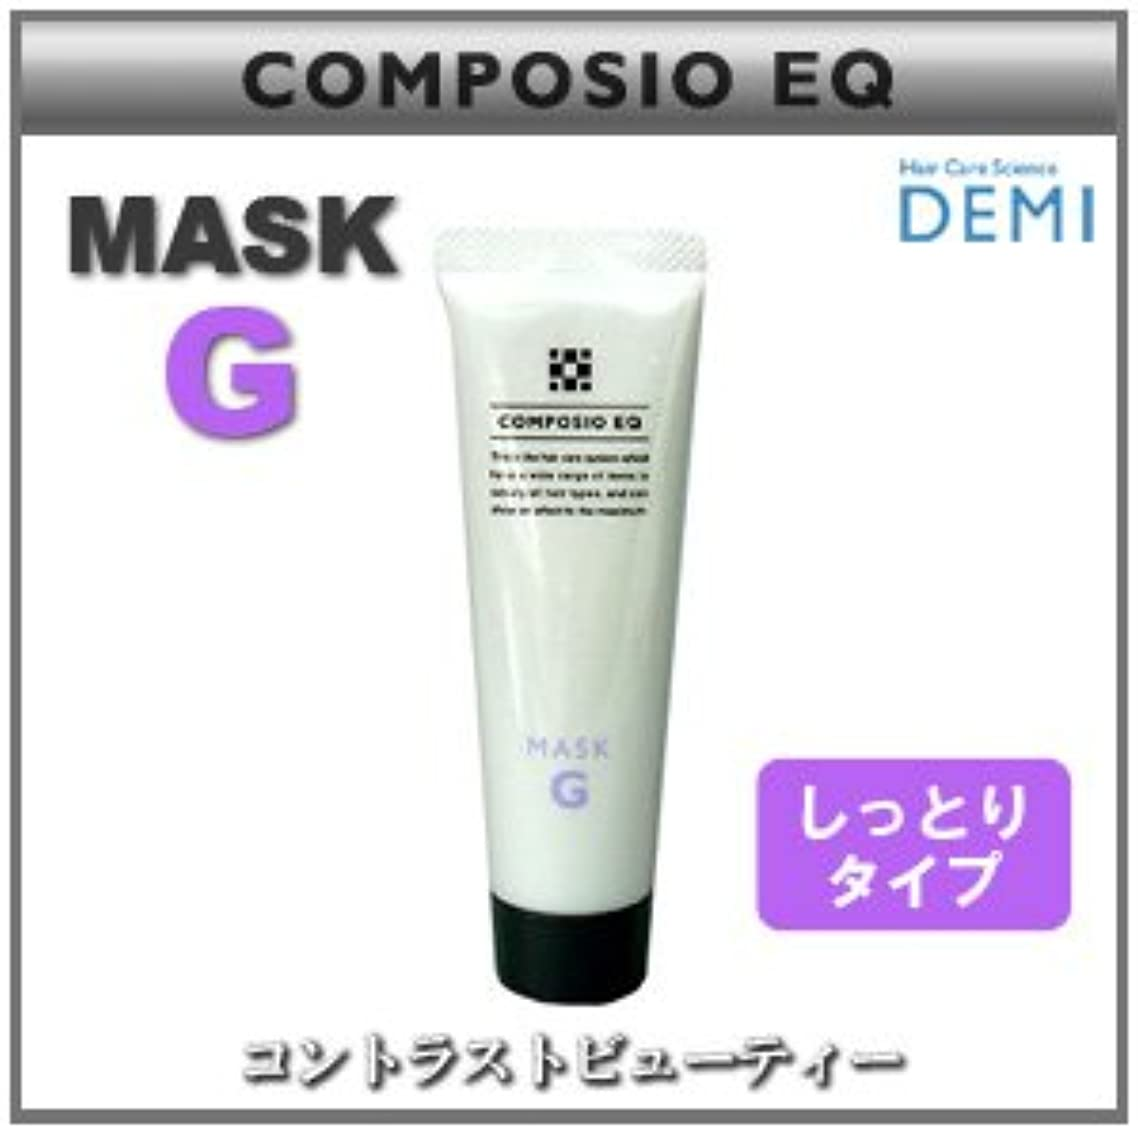 クリエイティブ医師広々とした【X3個セット】 デミ コンポジオ EQ マスク G 50g